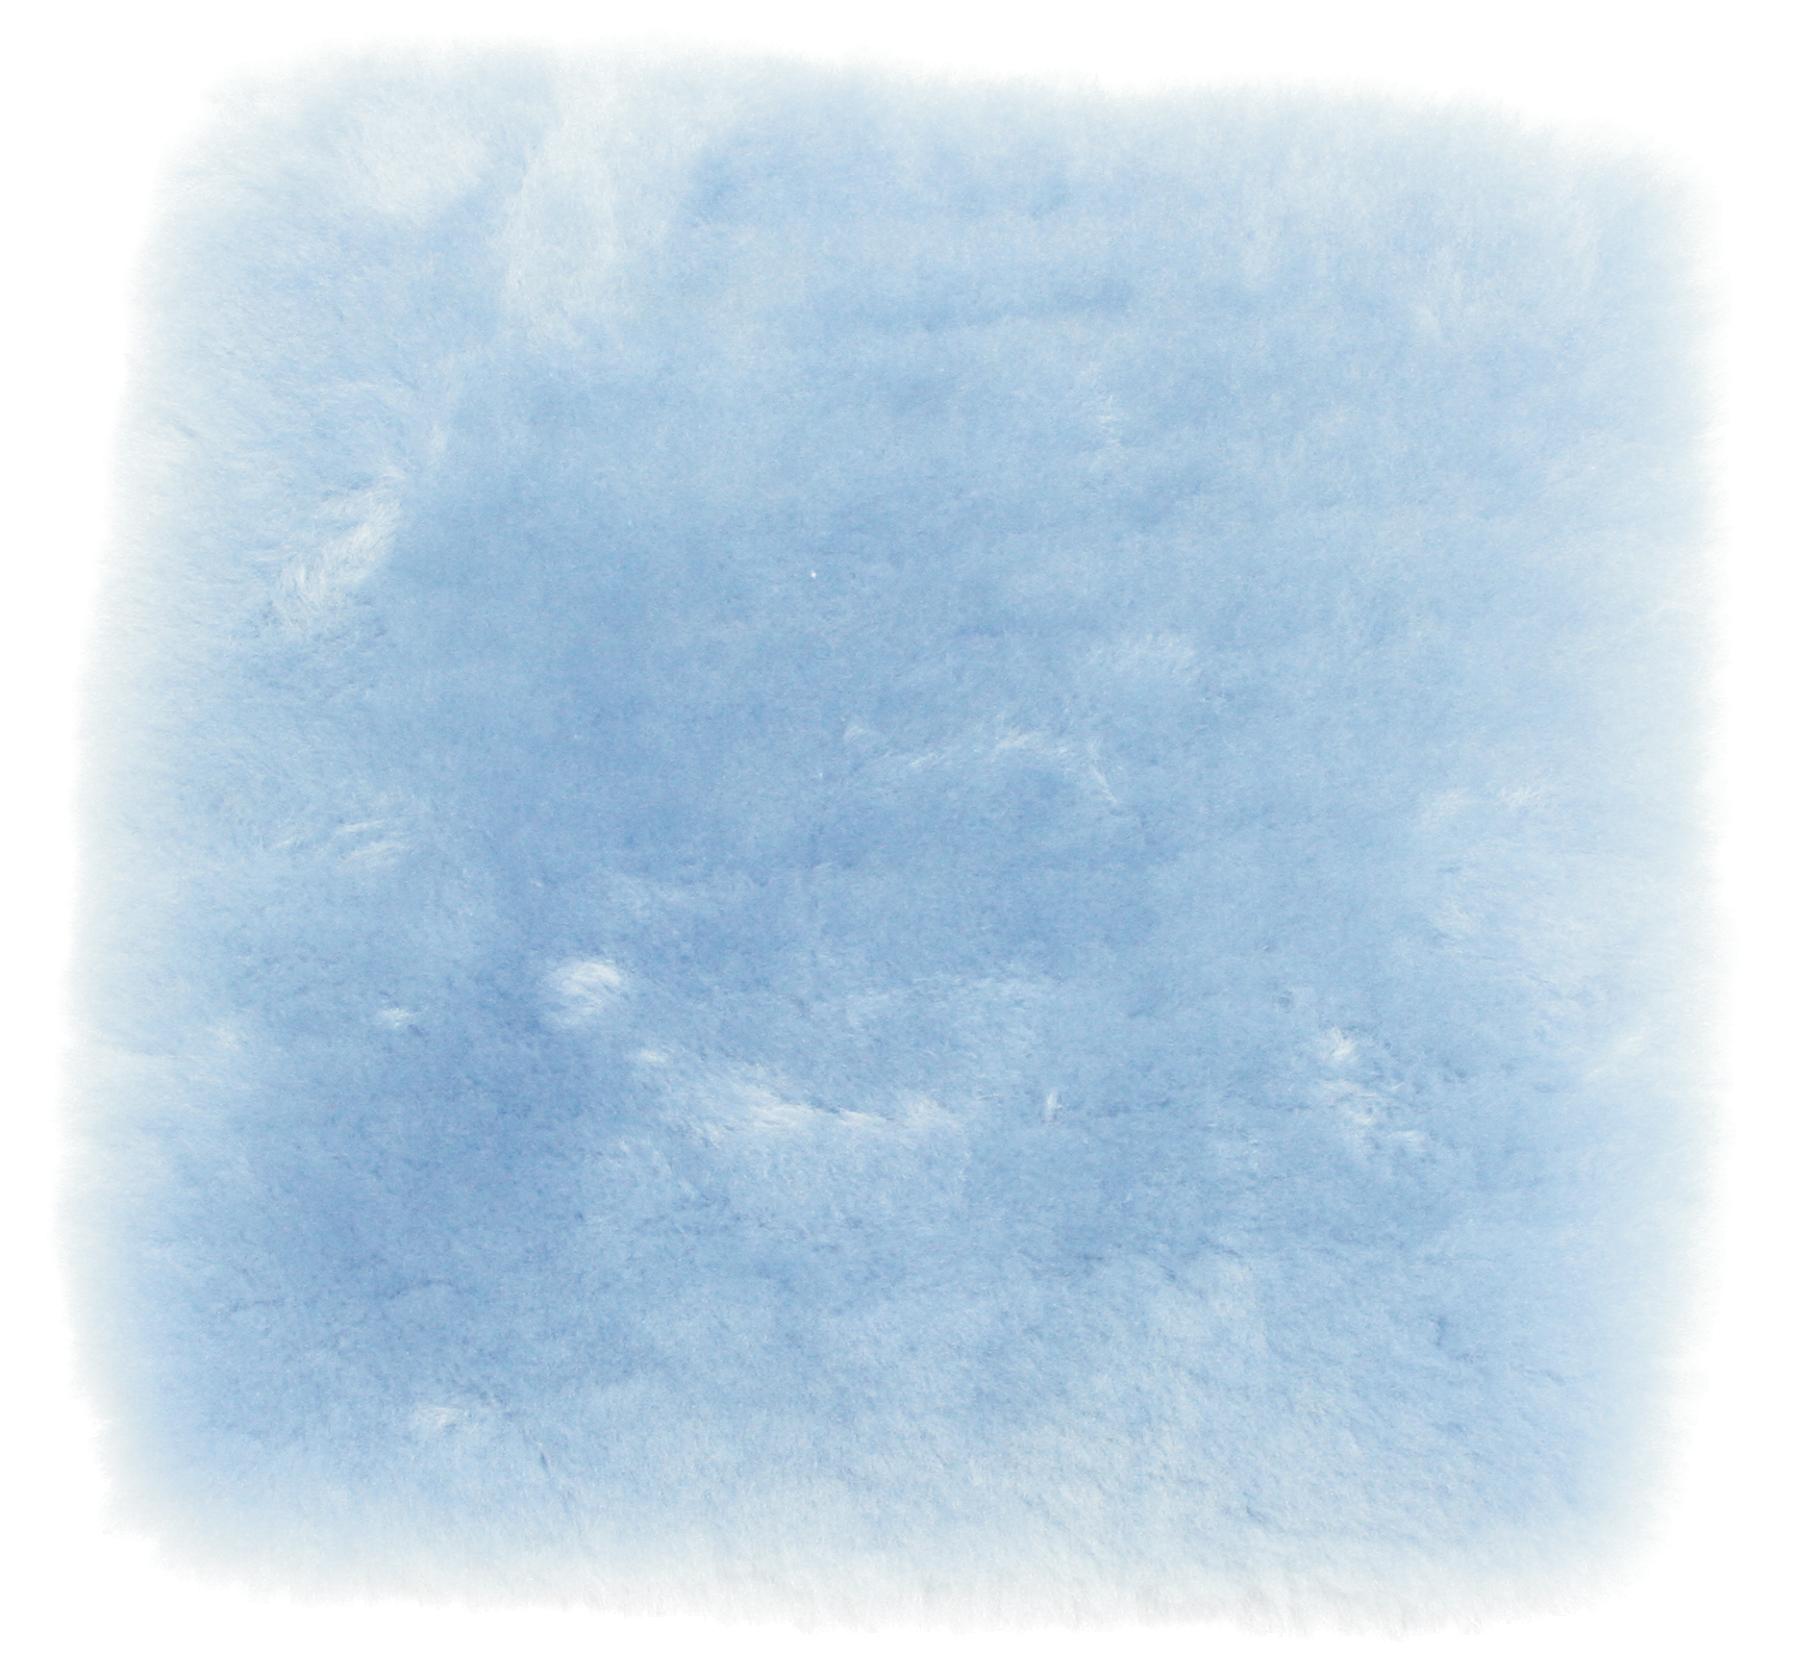 Hellblau-0029Wq3C1P3ywnPcx